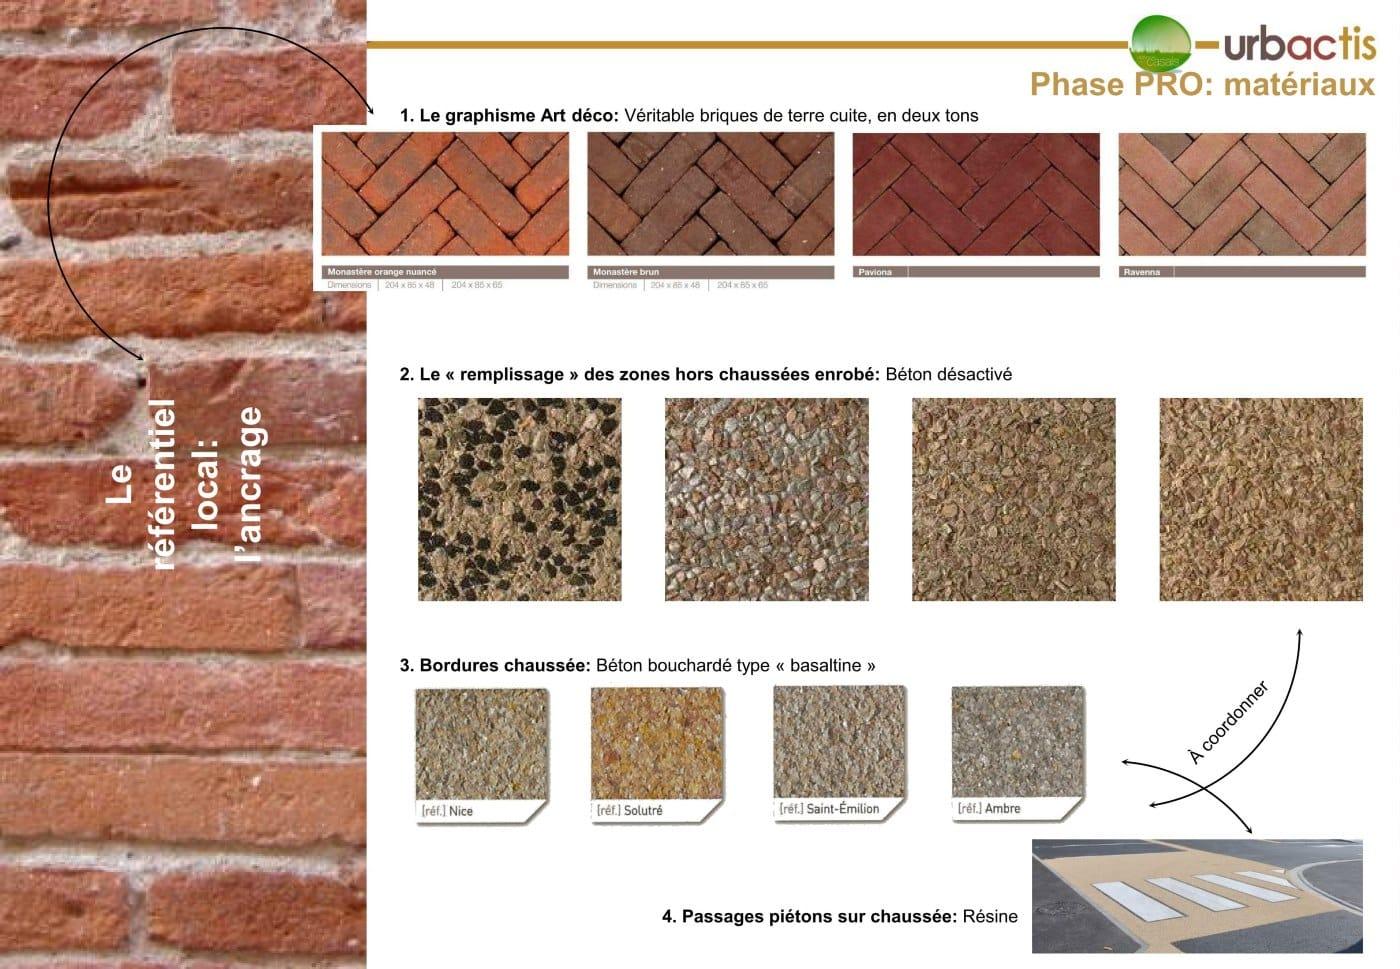 Proposition de matériaux en phase PRO